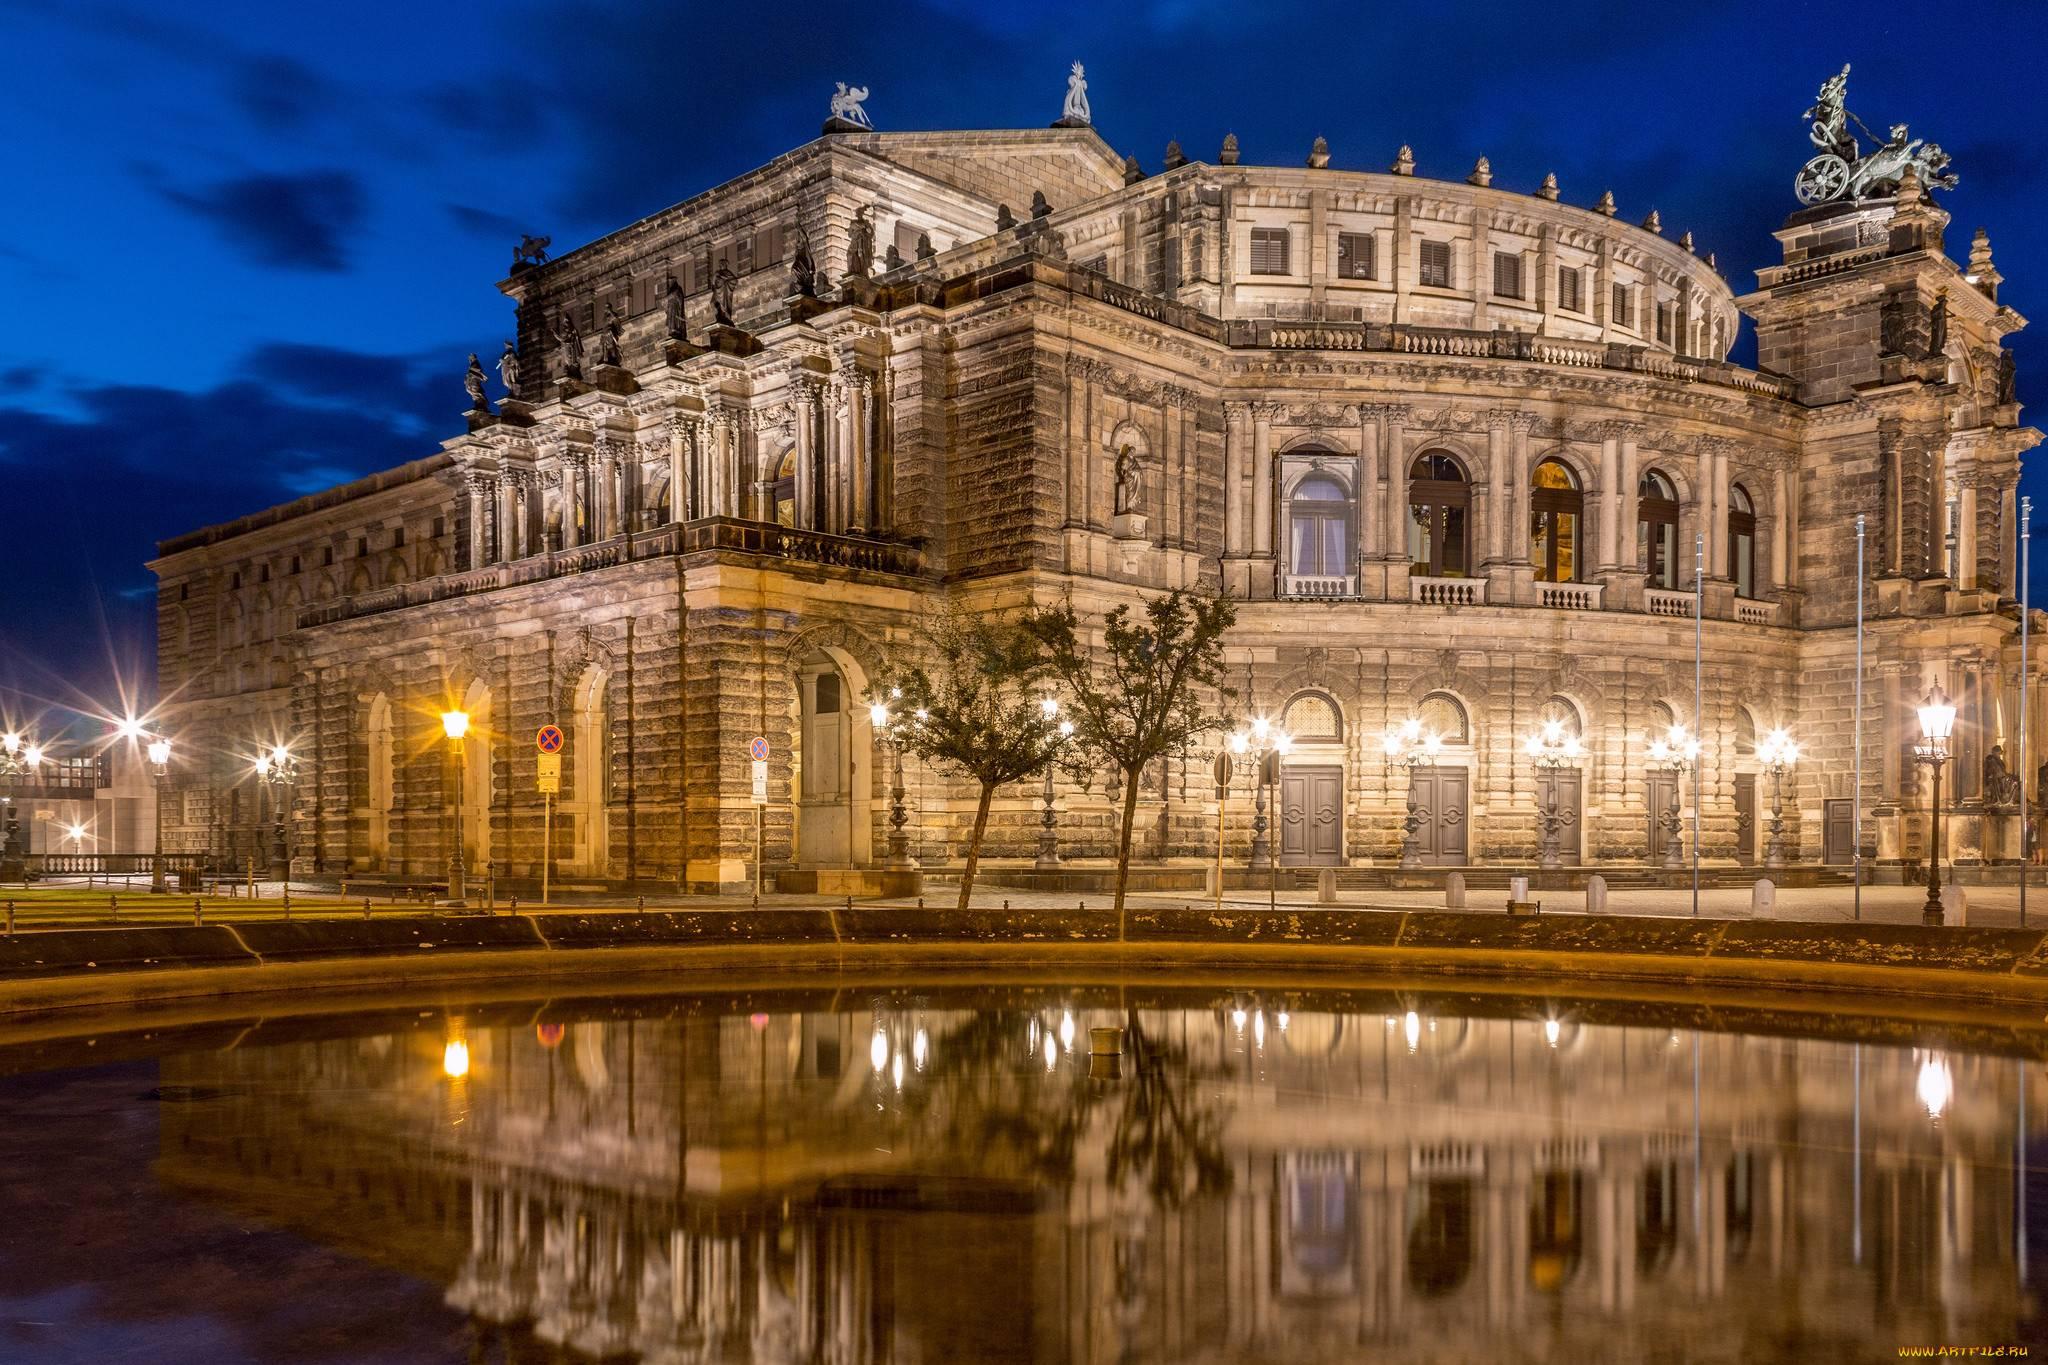 Сиднейский оперный театр: интересные факты